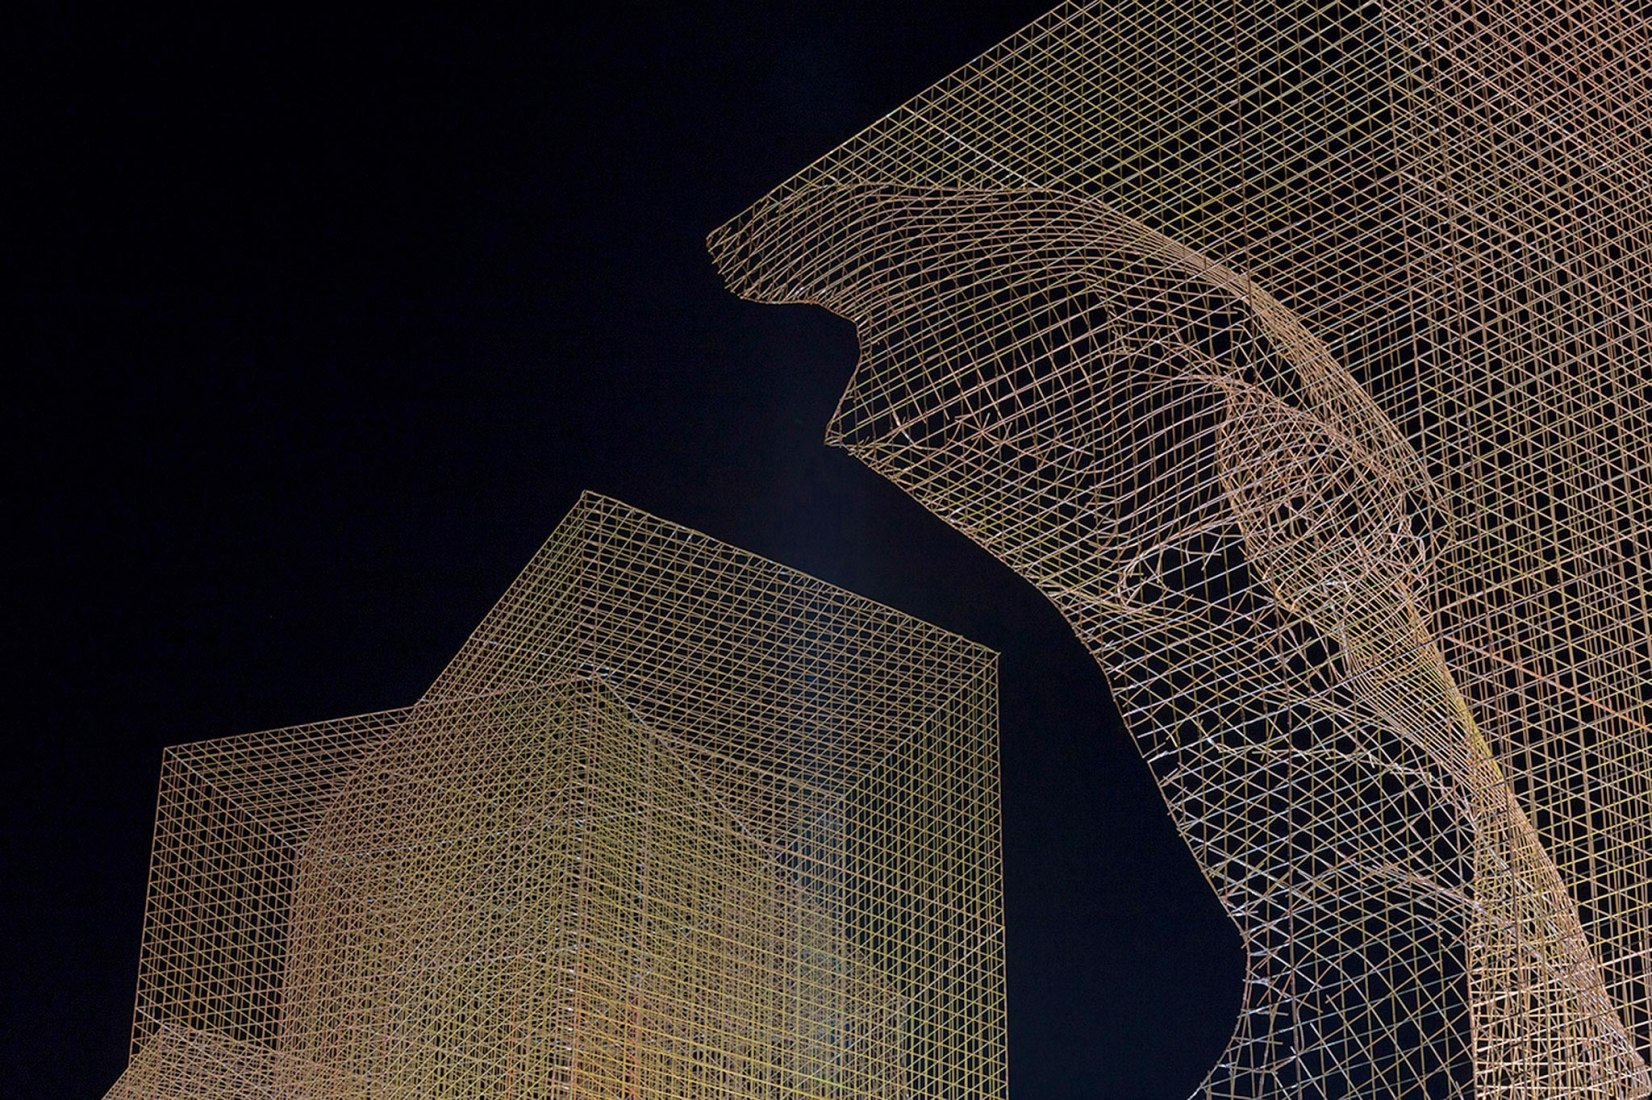 L I M E S por Edoardo Tresoldi. Fotografía por Roberto Conte